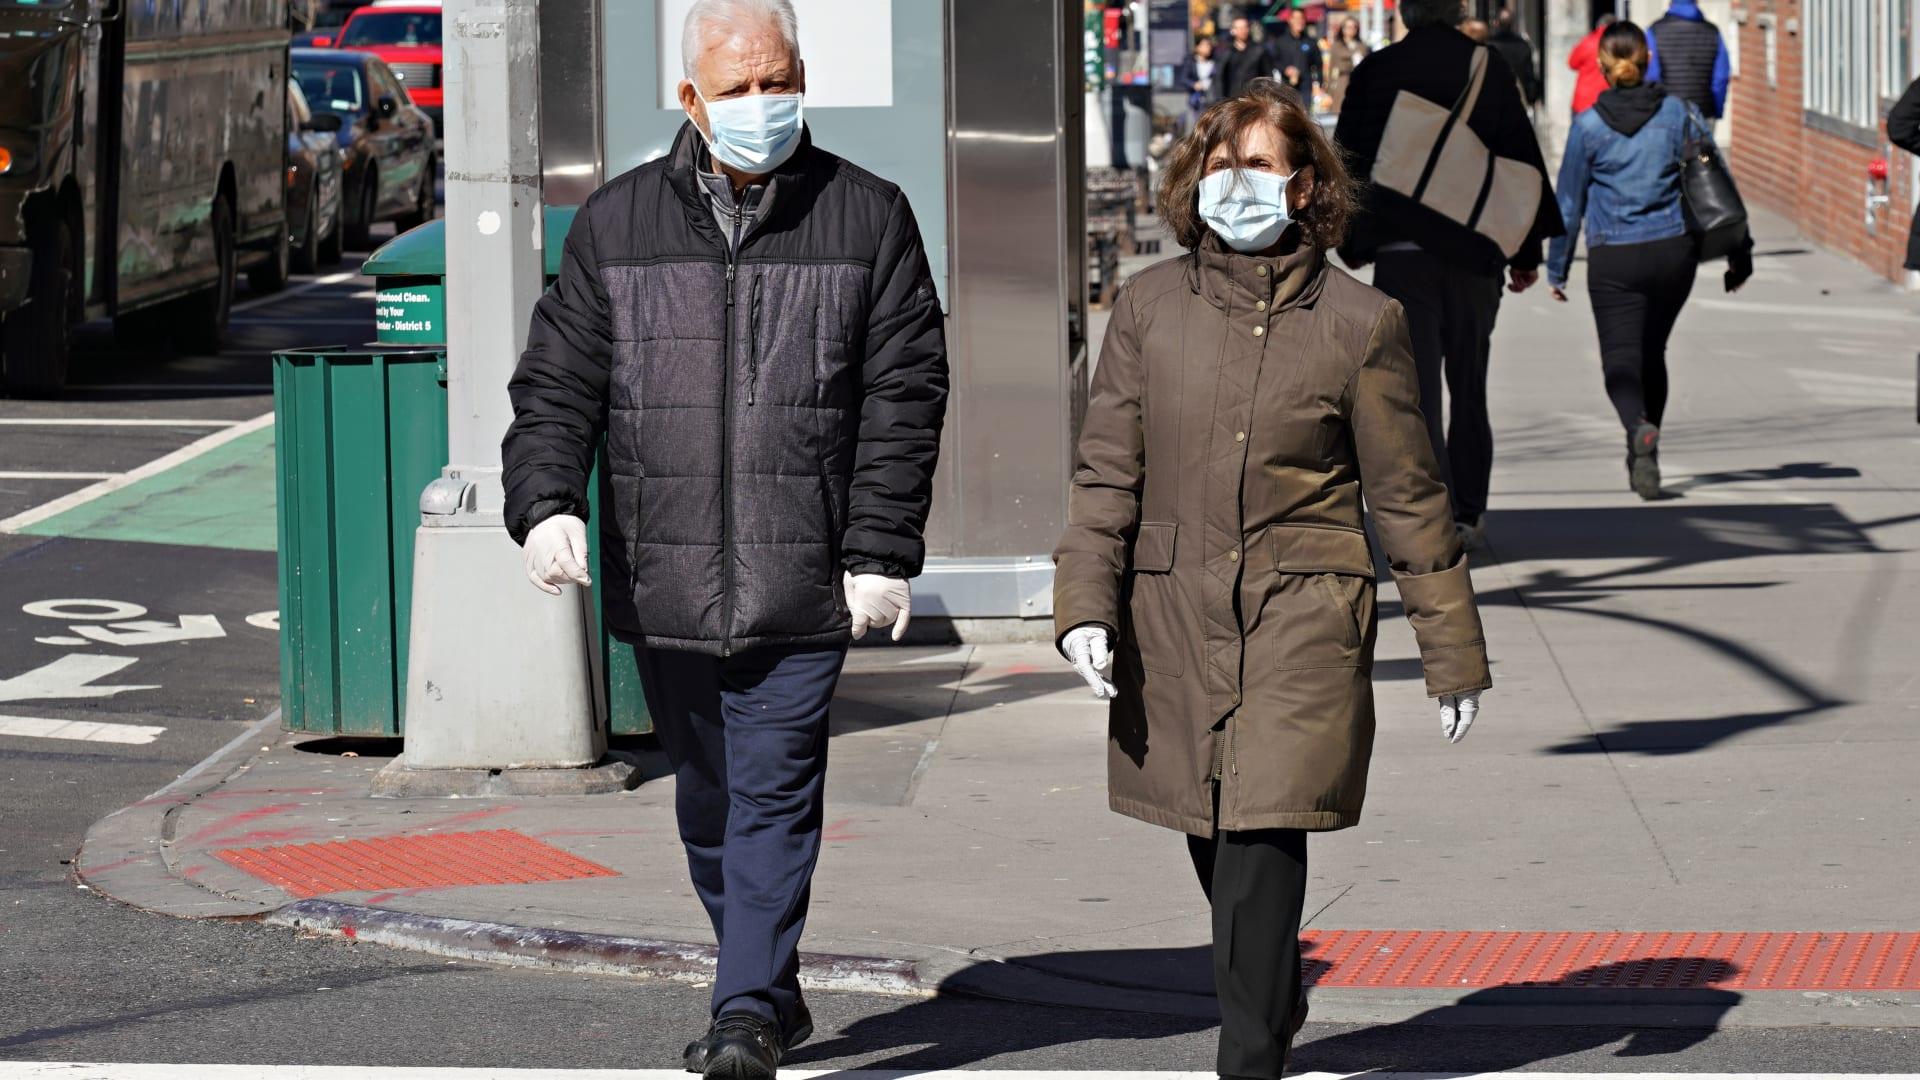 اقتصاد الولايات المتحدة يخسر 800 مليار دولار بسبب فيروس كورونا